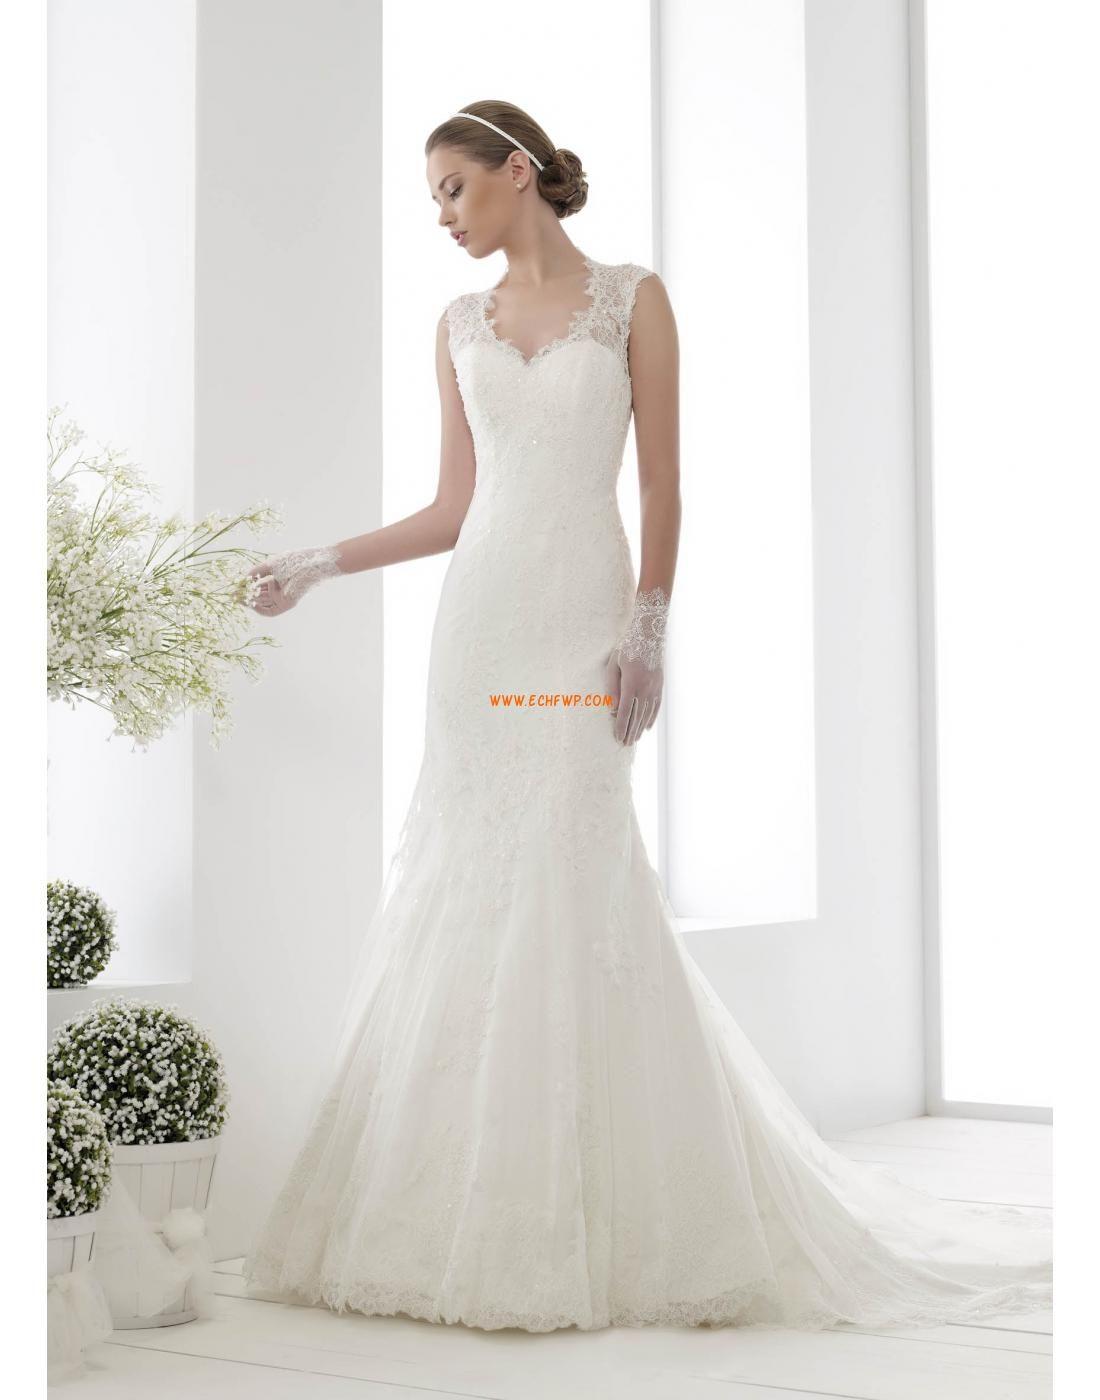 Natural wedding dresses  MeerjungfrauLinieMermaidStil SpitzenLooks Rückenfrei